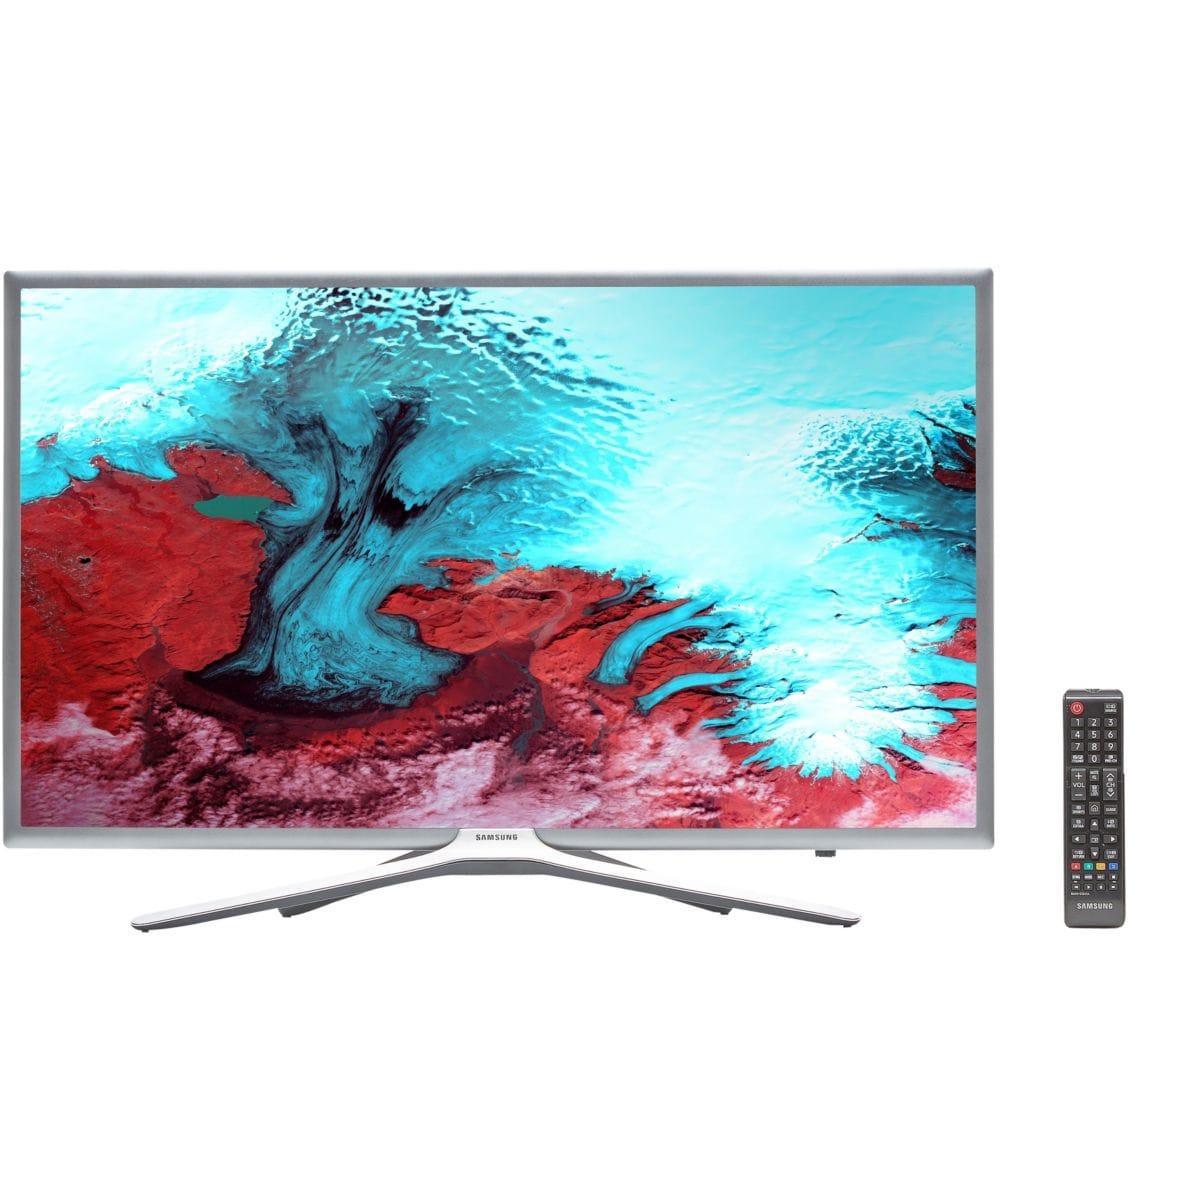 Smart TV LED Full HD 80 cm Samsung UE32K5600